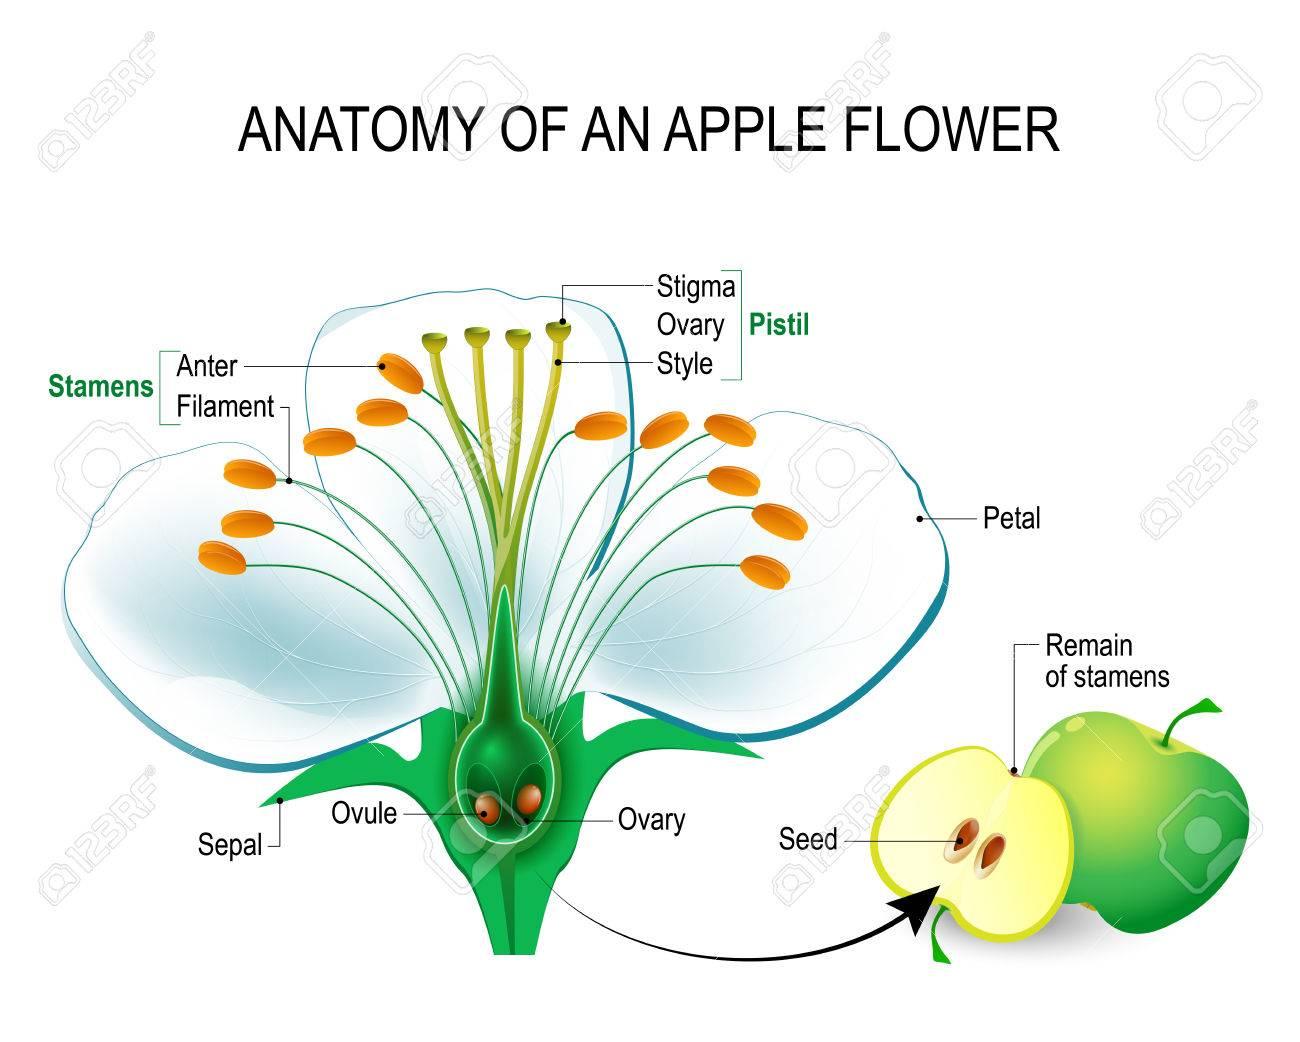 Anatomie Einer Apfelblume Blumenteile. Detailliertes Diagramm Mit ...